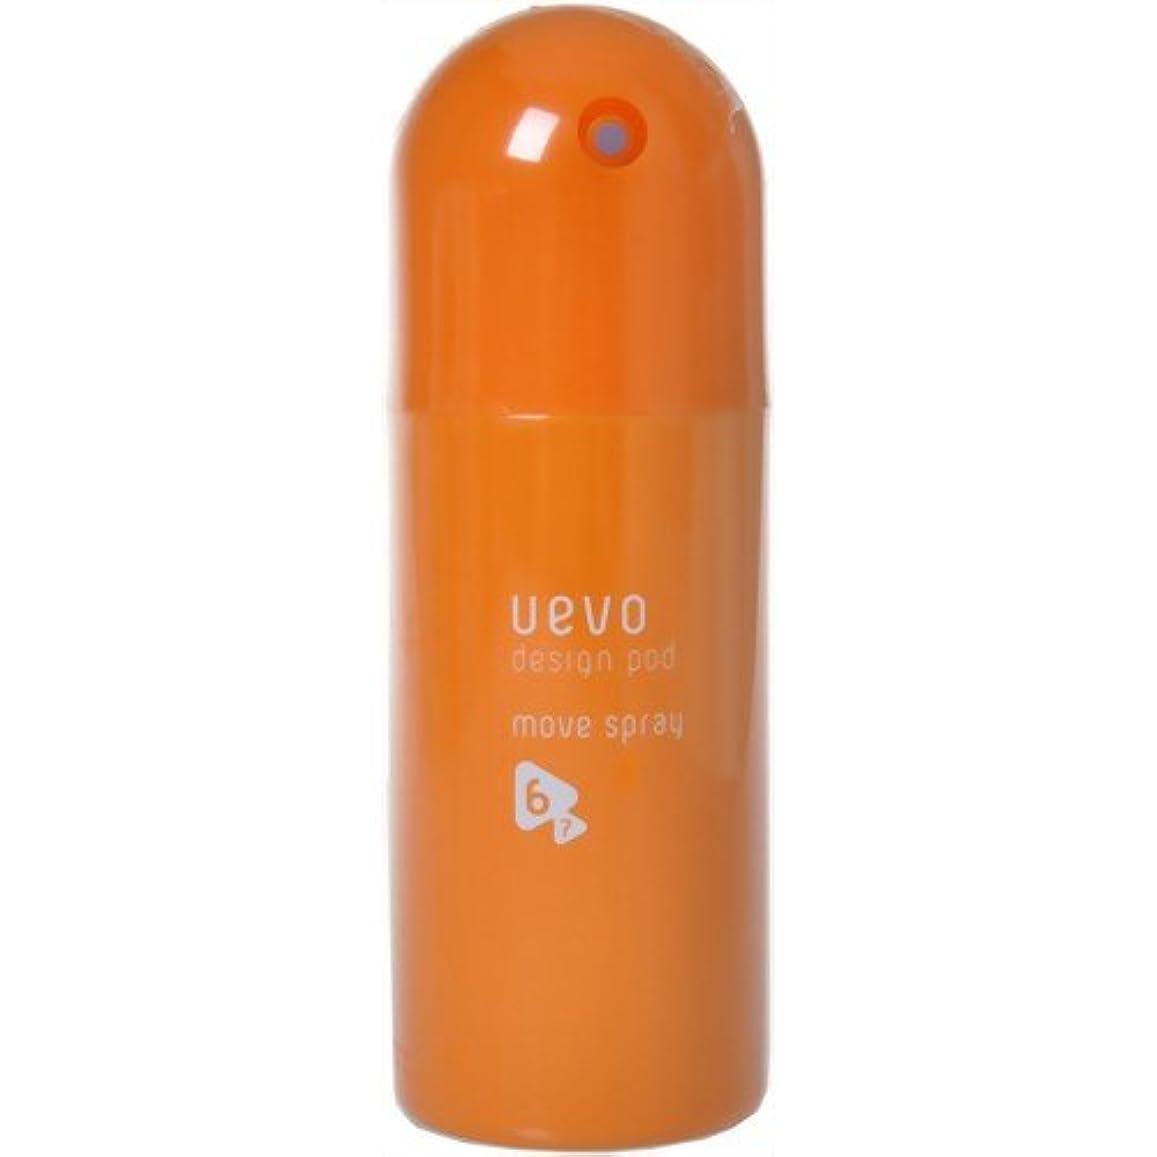 形考える控えるデミ ウェーボ デザインポッド ムーブスプレー 220ml move spray DEMI uevo design pod